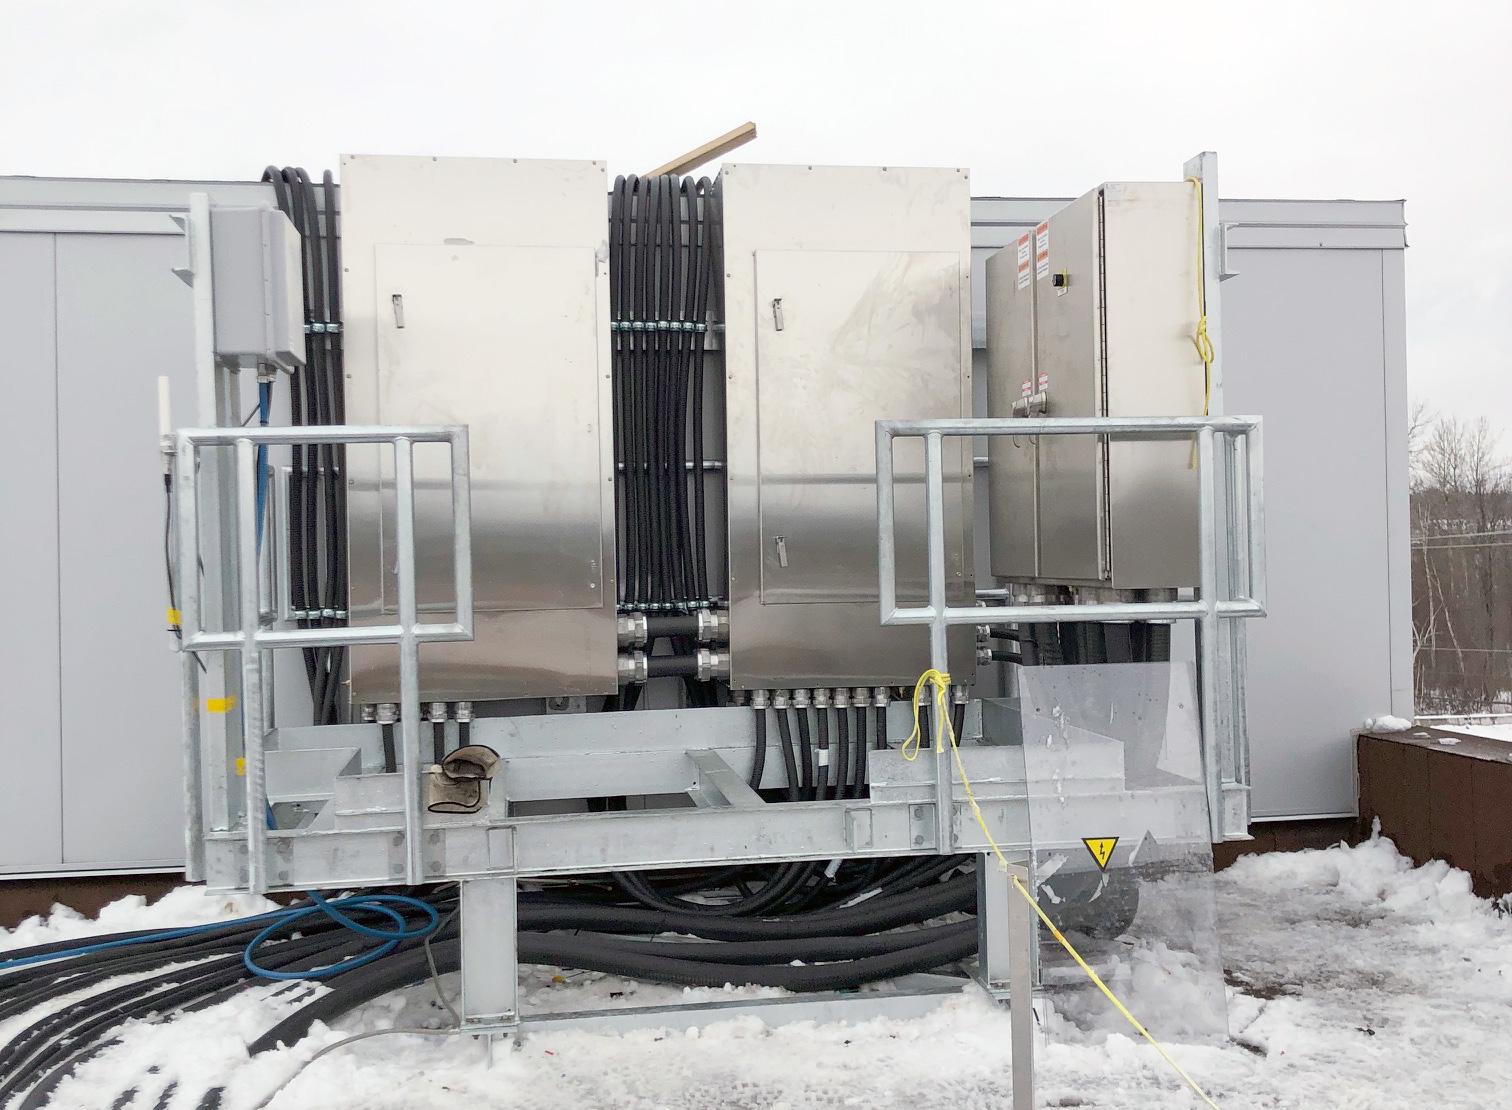 Plateforme pour support de panneaux électriques | Projets sur mesure | Par ABM enviro.